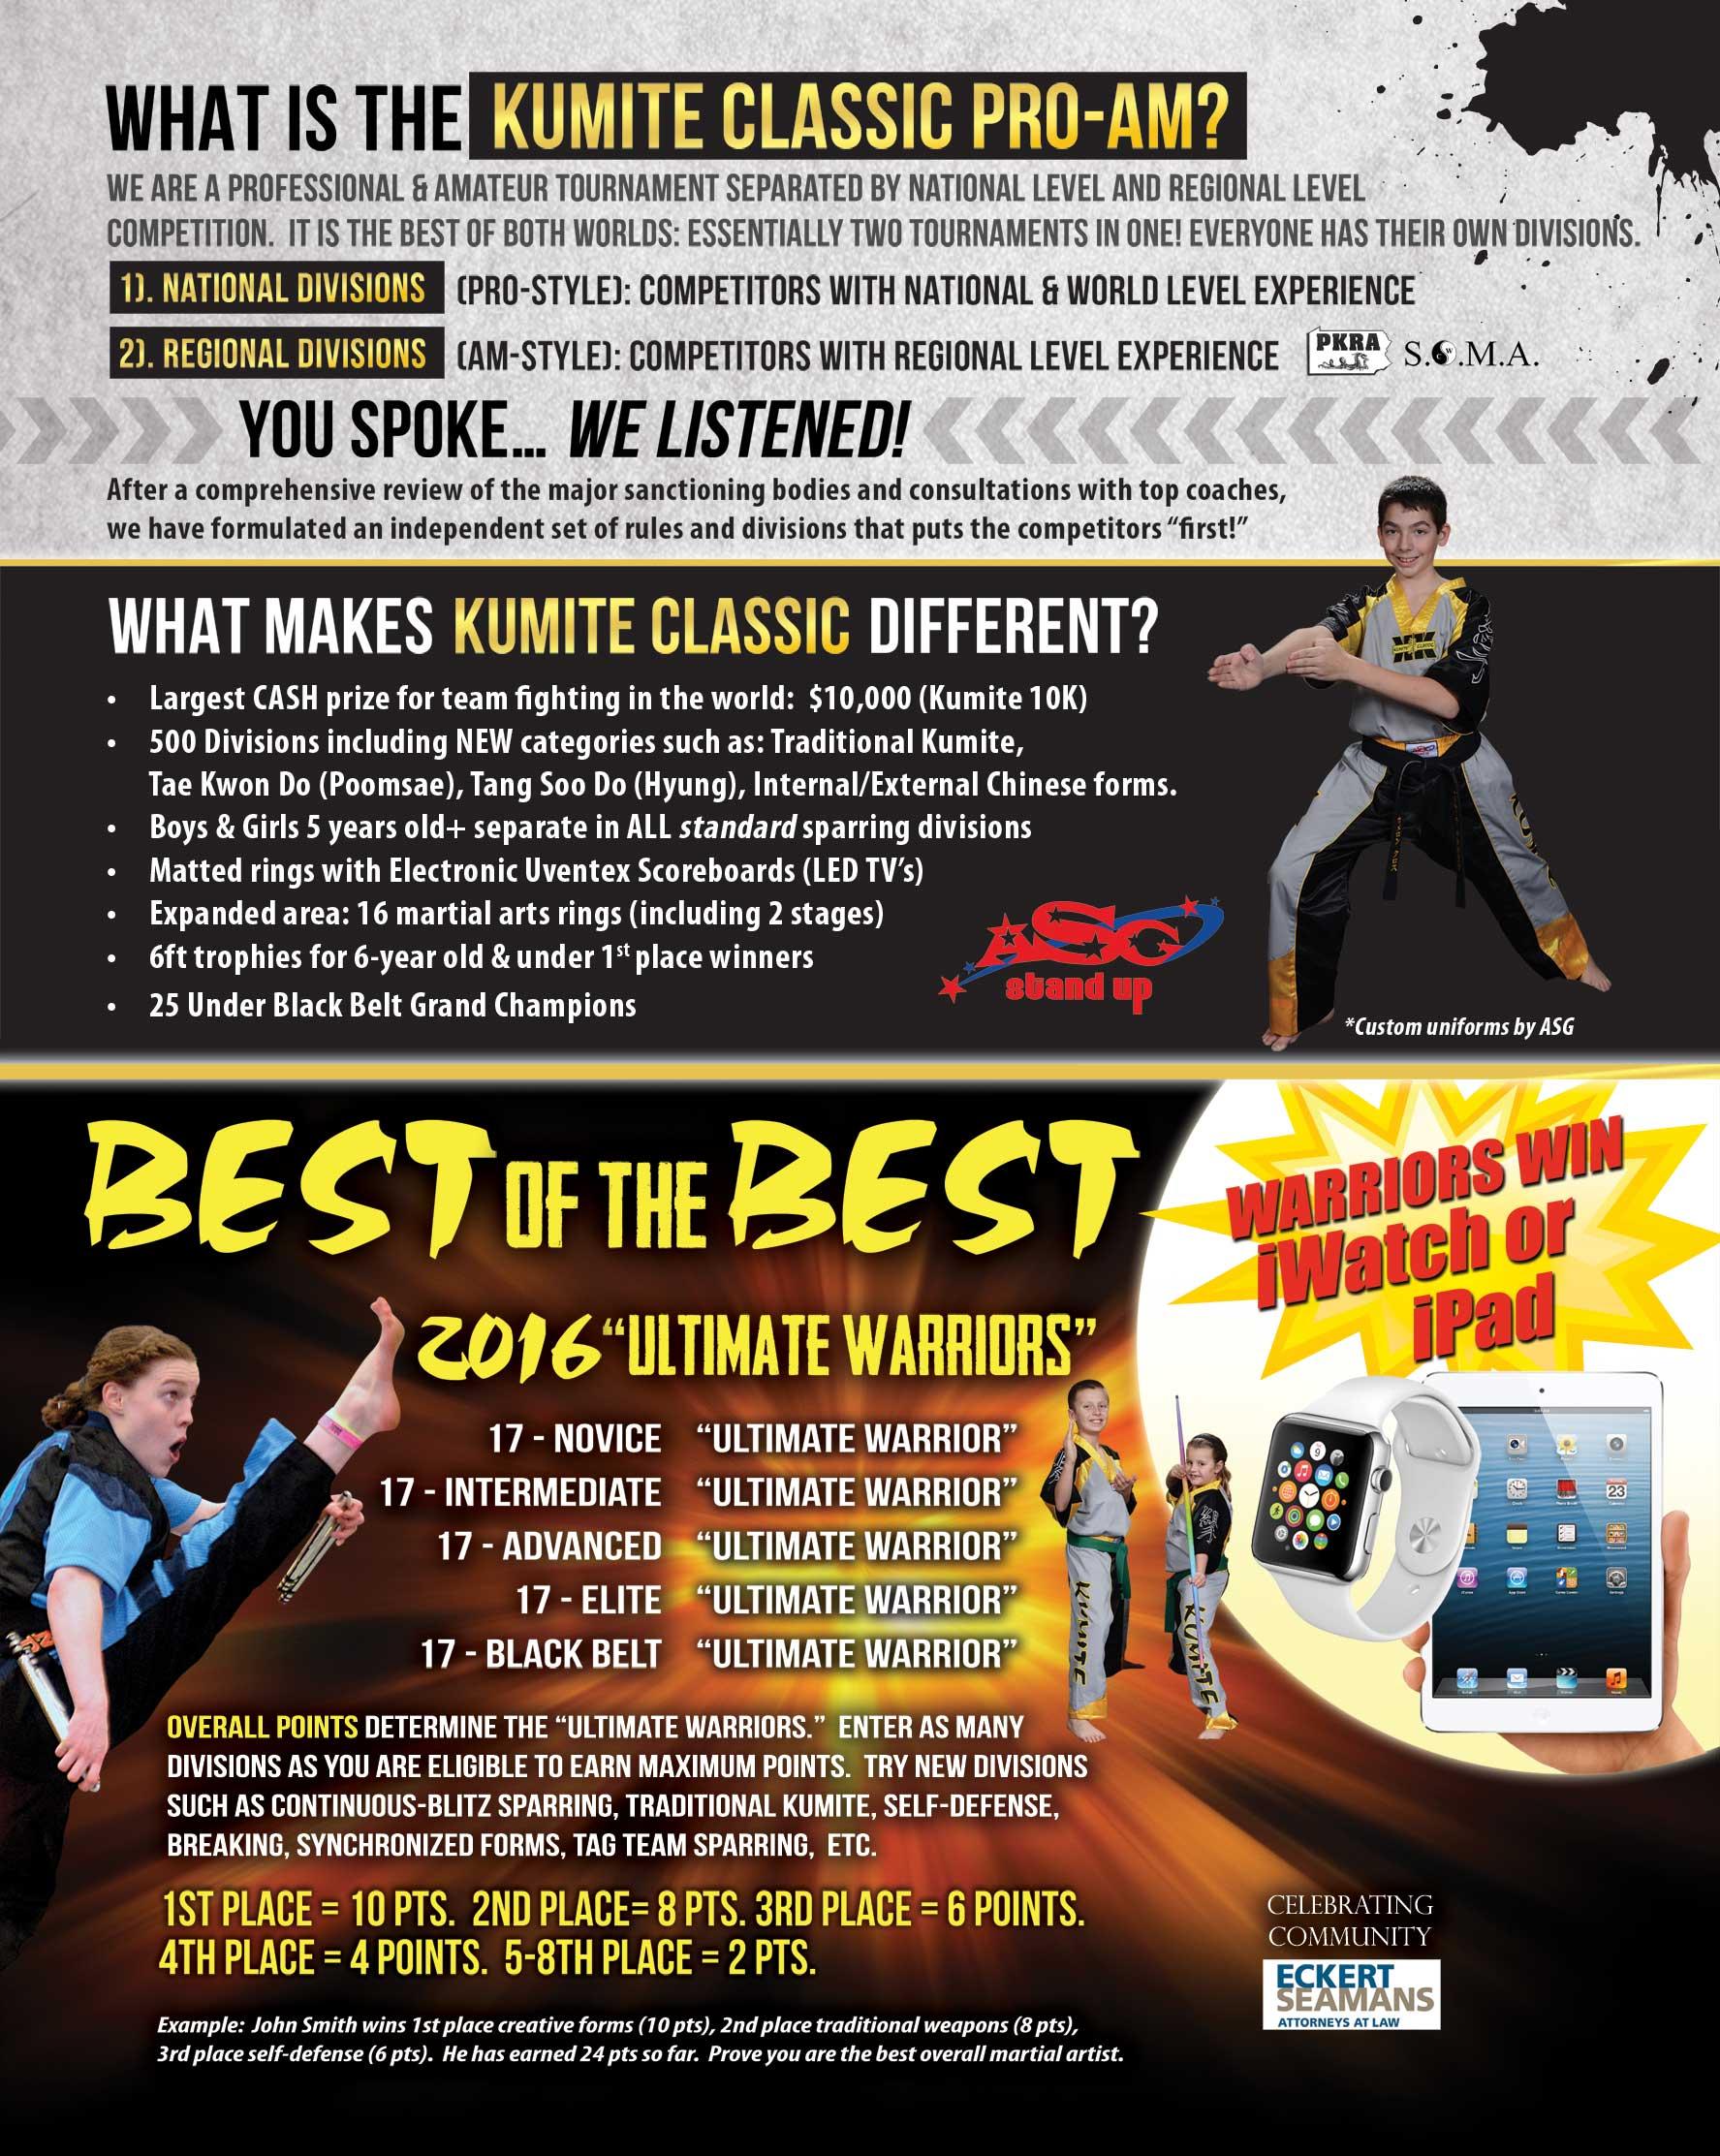 kumite classic win iwatch